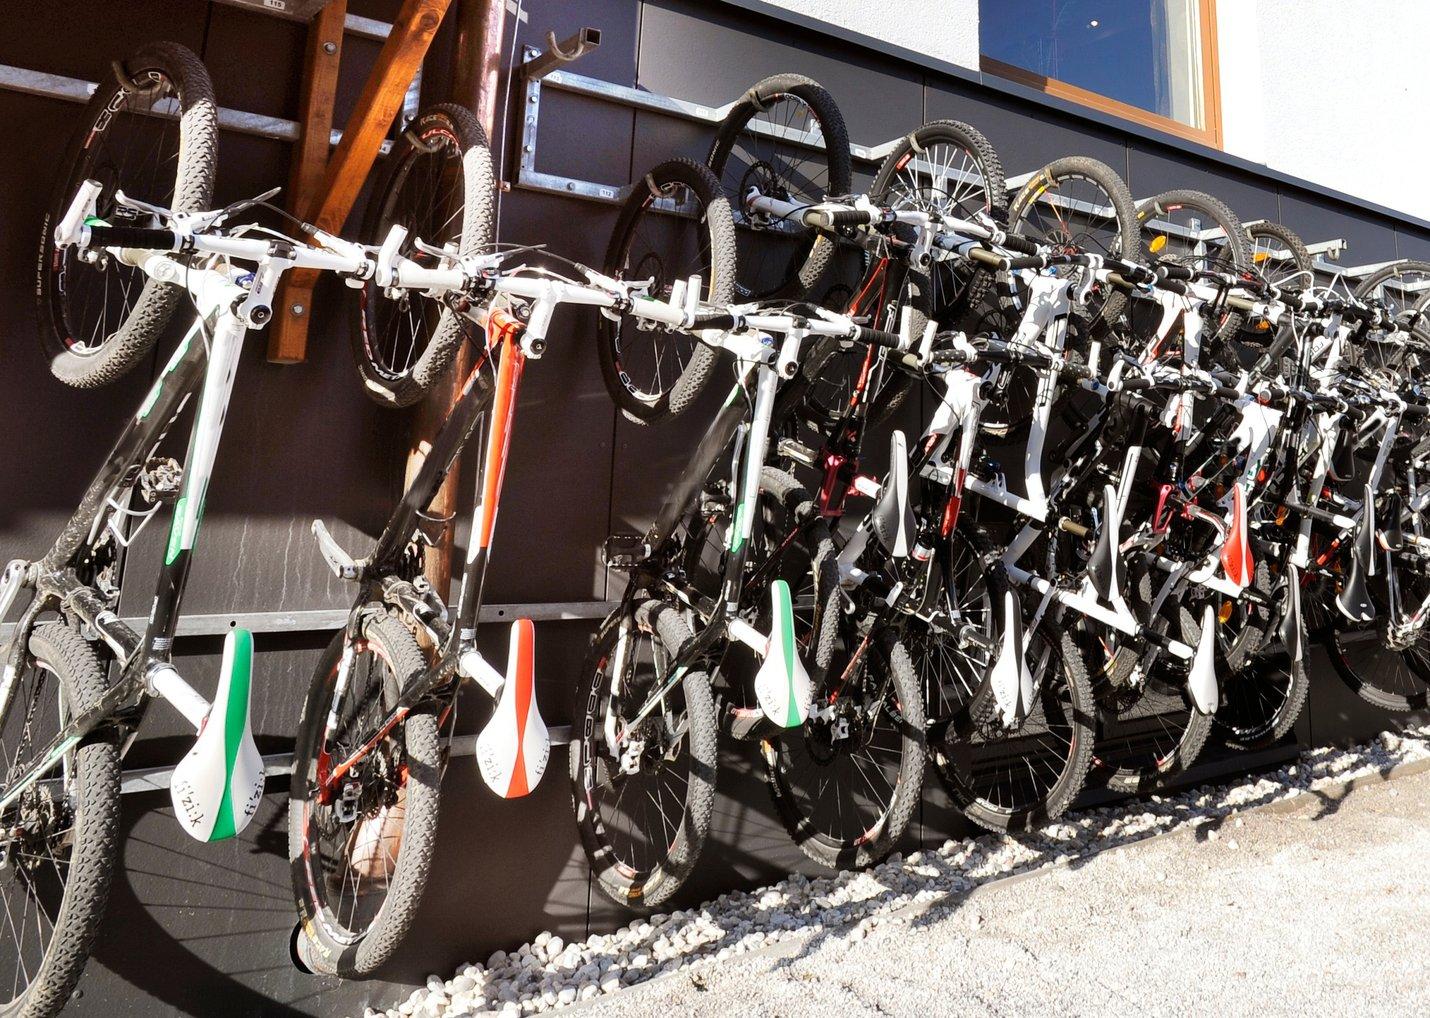 Bikeverleih Tauernhof 2001 (3)